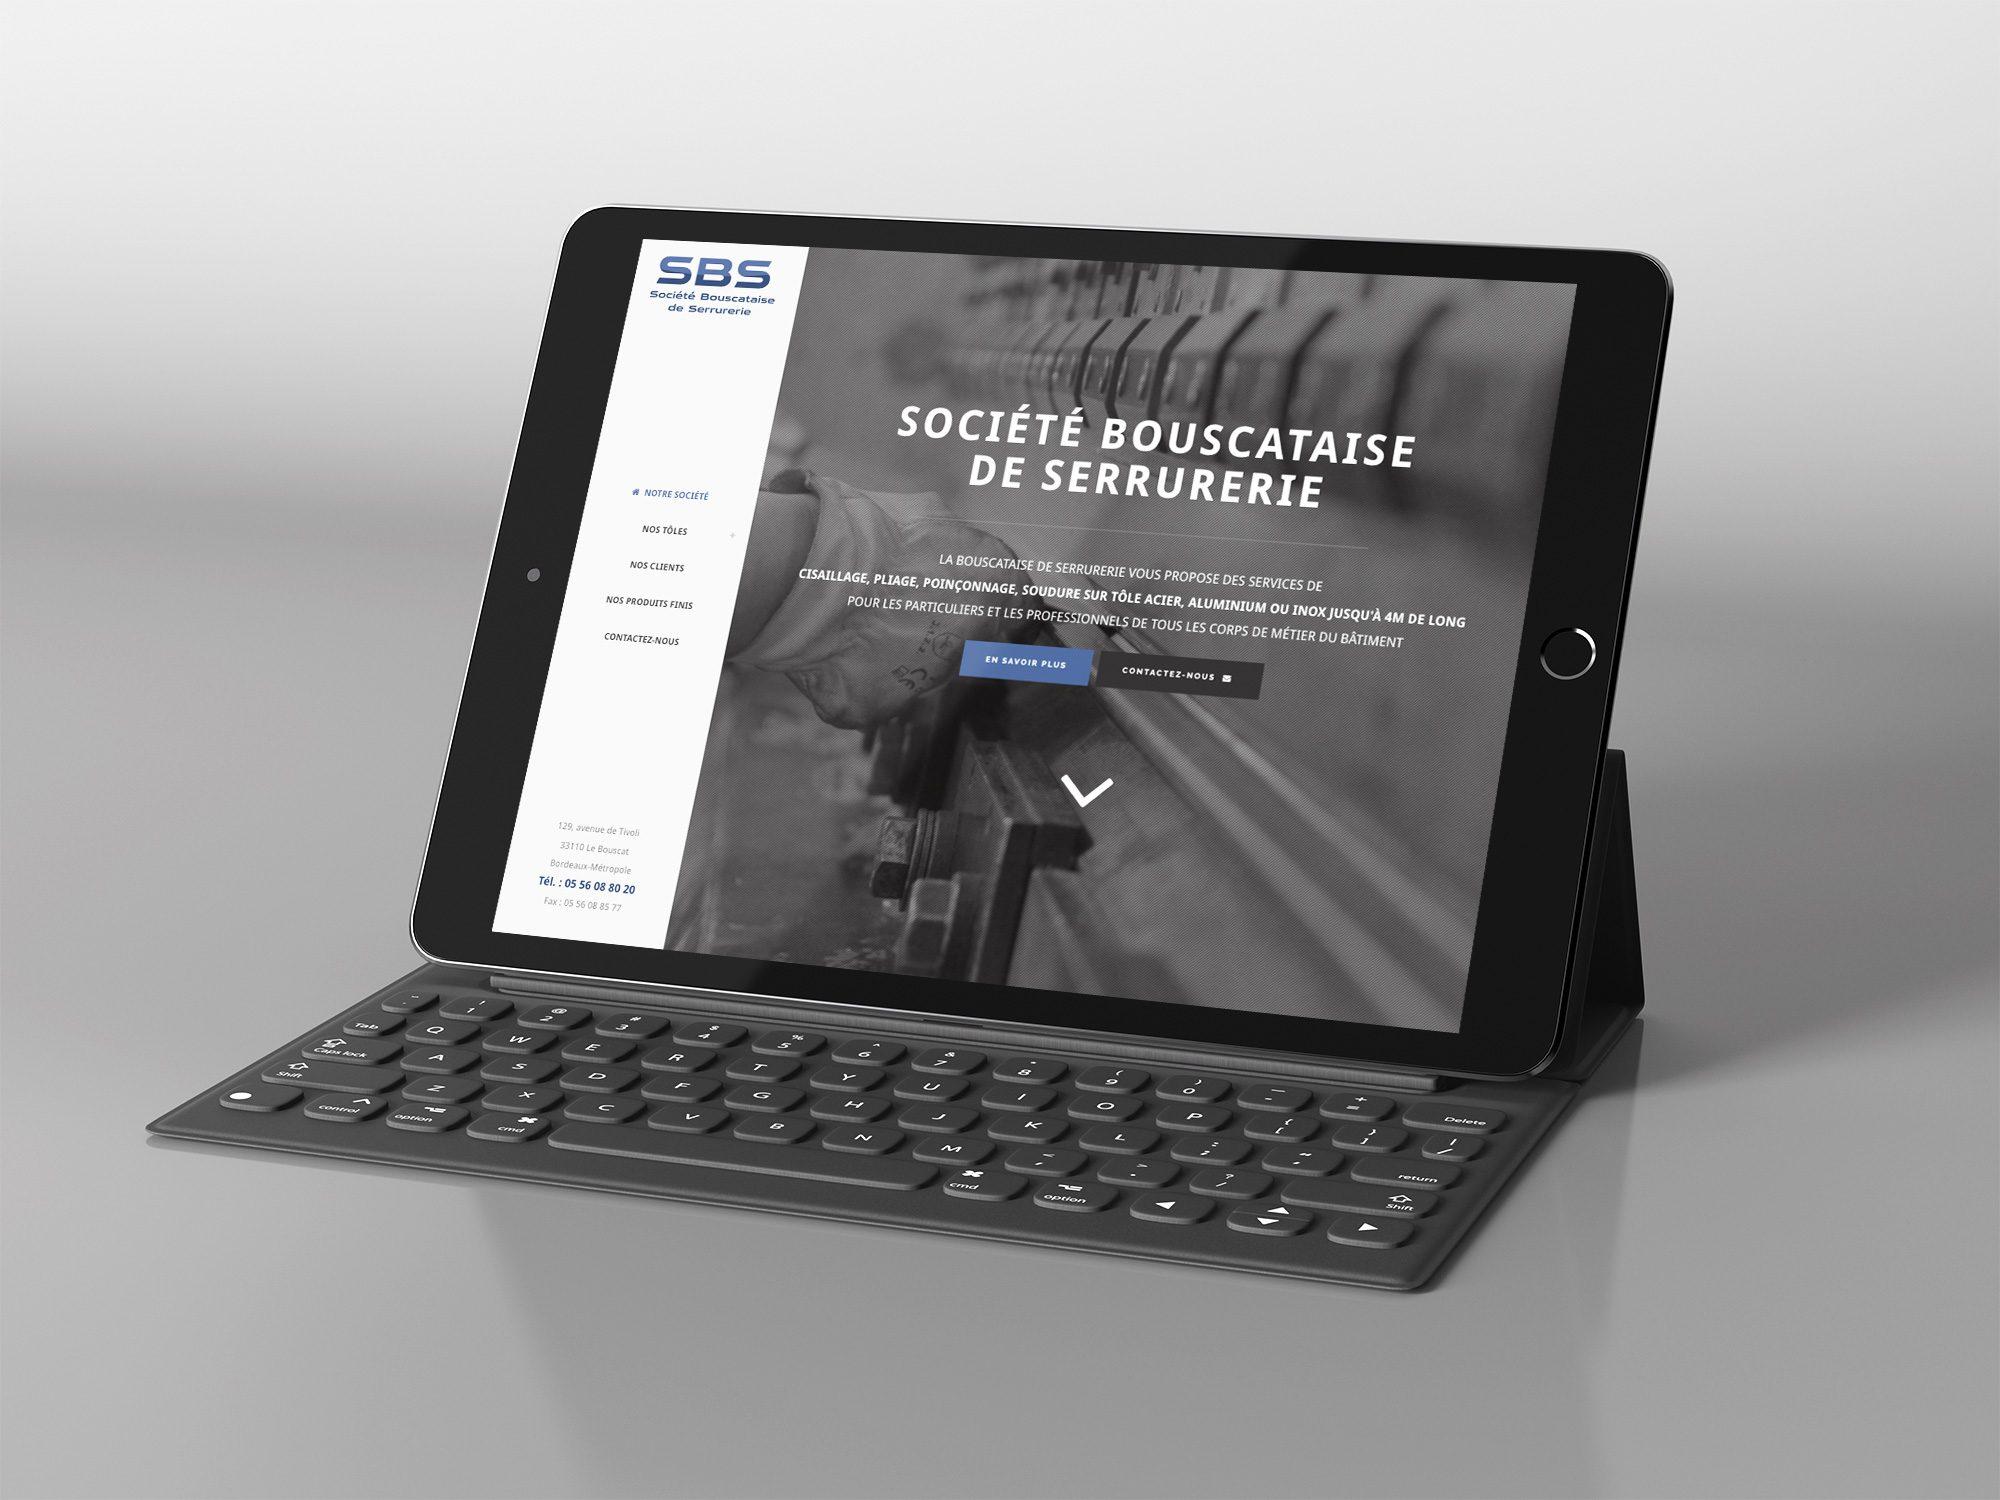 Bouscataise-serrurerie-site-internet-responsive-tablette2-mobile-bordeaux-2000x1500